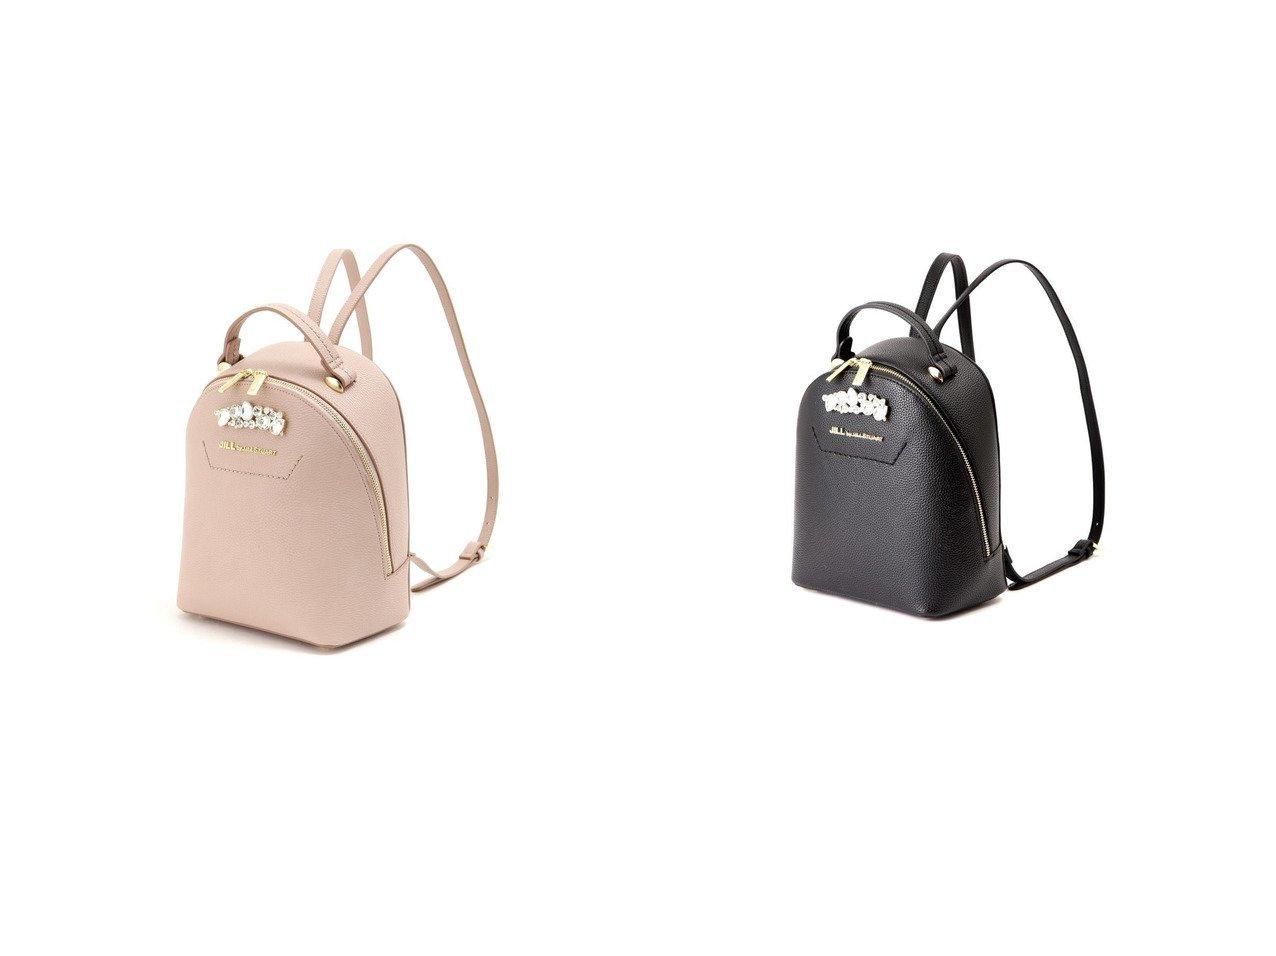 【JILL by JILLSTUART/ジルバイジルスチュアート】のビジューロイヤルバックパック バッグ・鞄のおすすめ!人気、トレンド・レディースファッションの通販 おすすめで人気の流行・トレンド、ファッションの通販商品 メンズファッション・キッズファッション・インテリア・家具・レディースファッション・服の通販 founy(ファニー) https://founy.com/ ファッション Fashion レディースファッション WOMEN バッグ Bag エレガント 春 Spring ショルダー ジュエリー ストーン フォルム 2021年 2021 S/S 春夏 SS Spring/Summer 2021 春夏 S/S SS Spring/Summer 2021 |ID:crp329100000015833